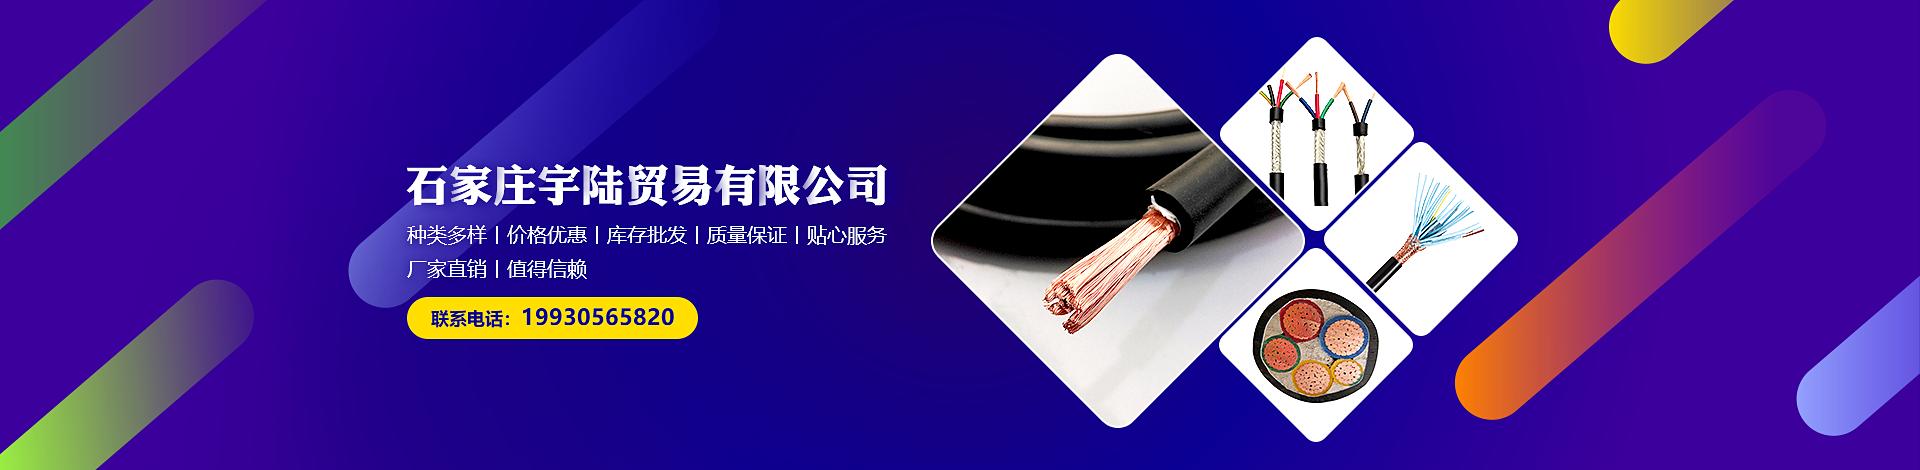 石家庄津润电缆有限公司